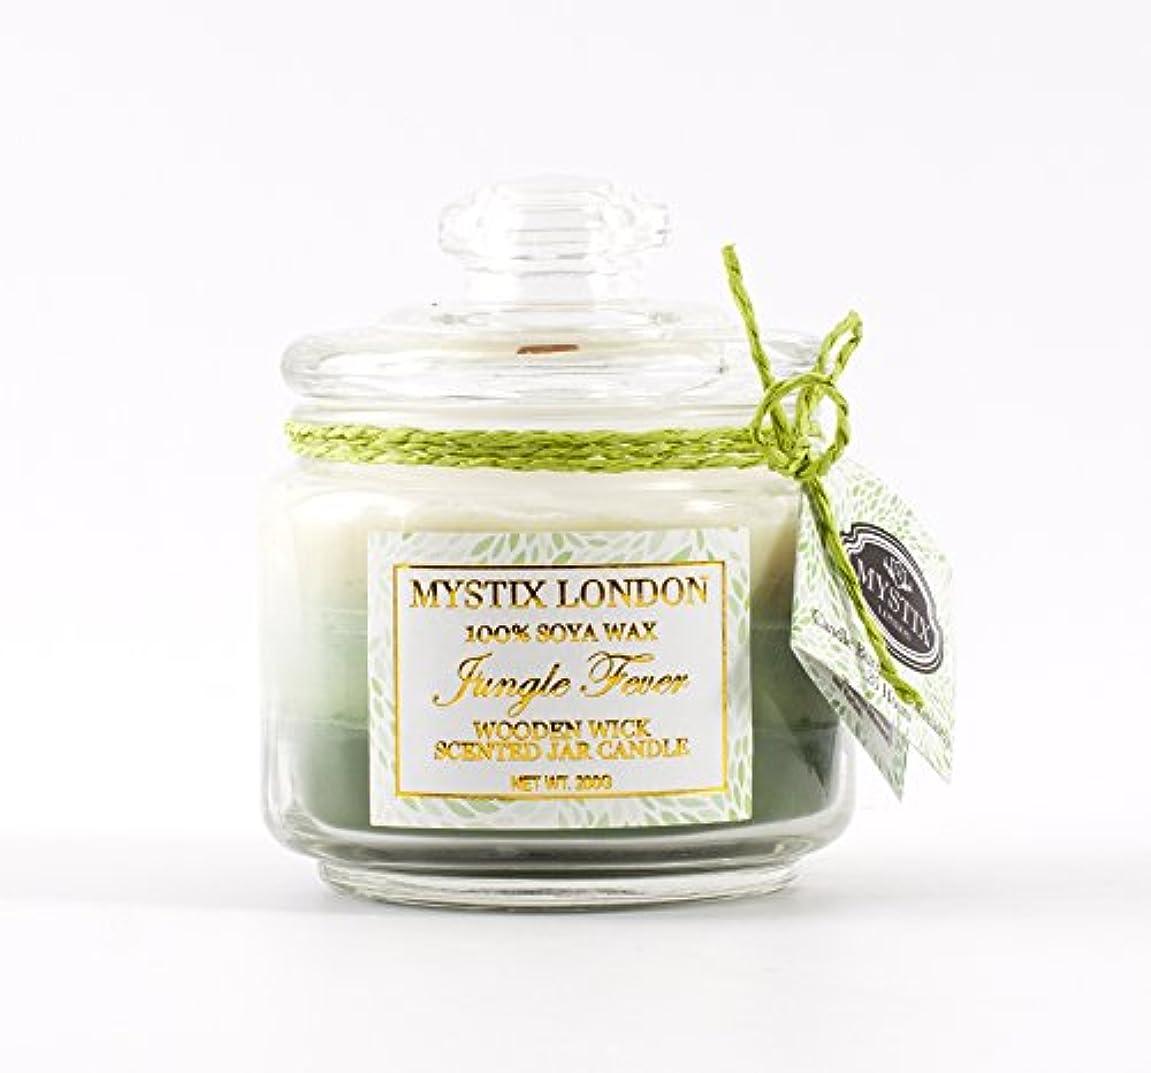 ありふれた可塑性信条Mystix London | Jungle Fever Wooden Wick Scented Jar Candle 200g